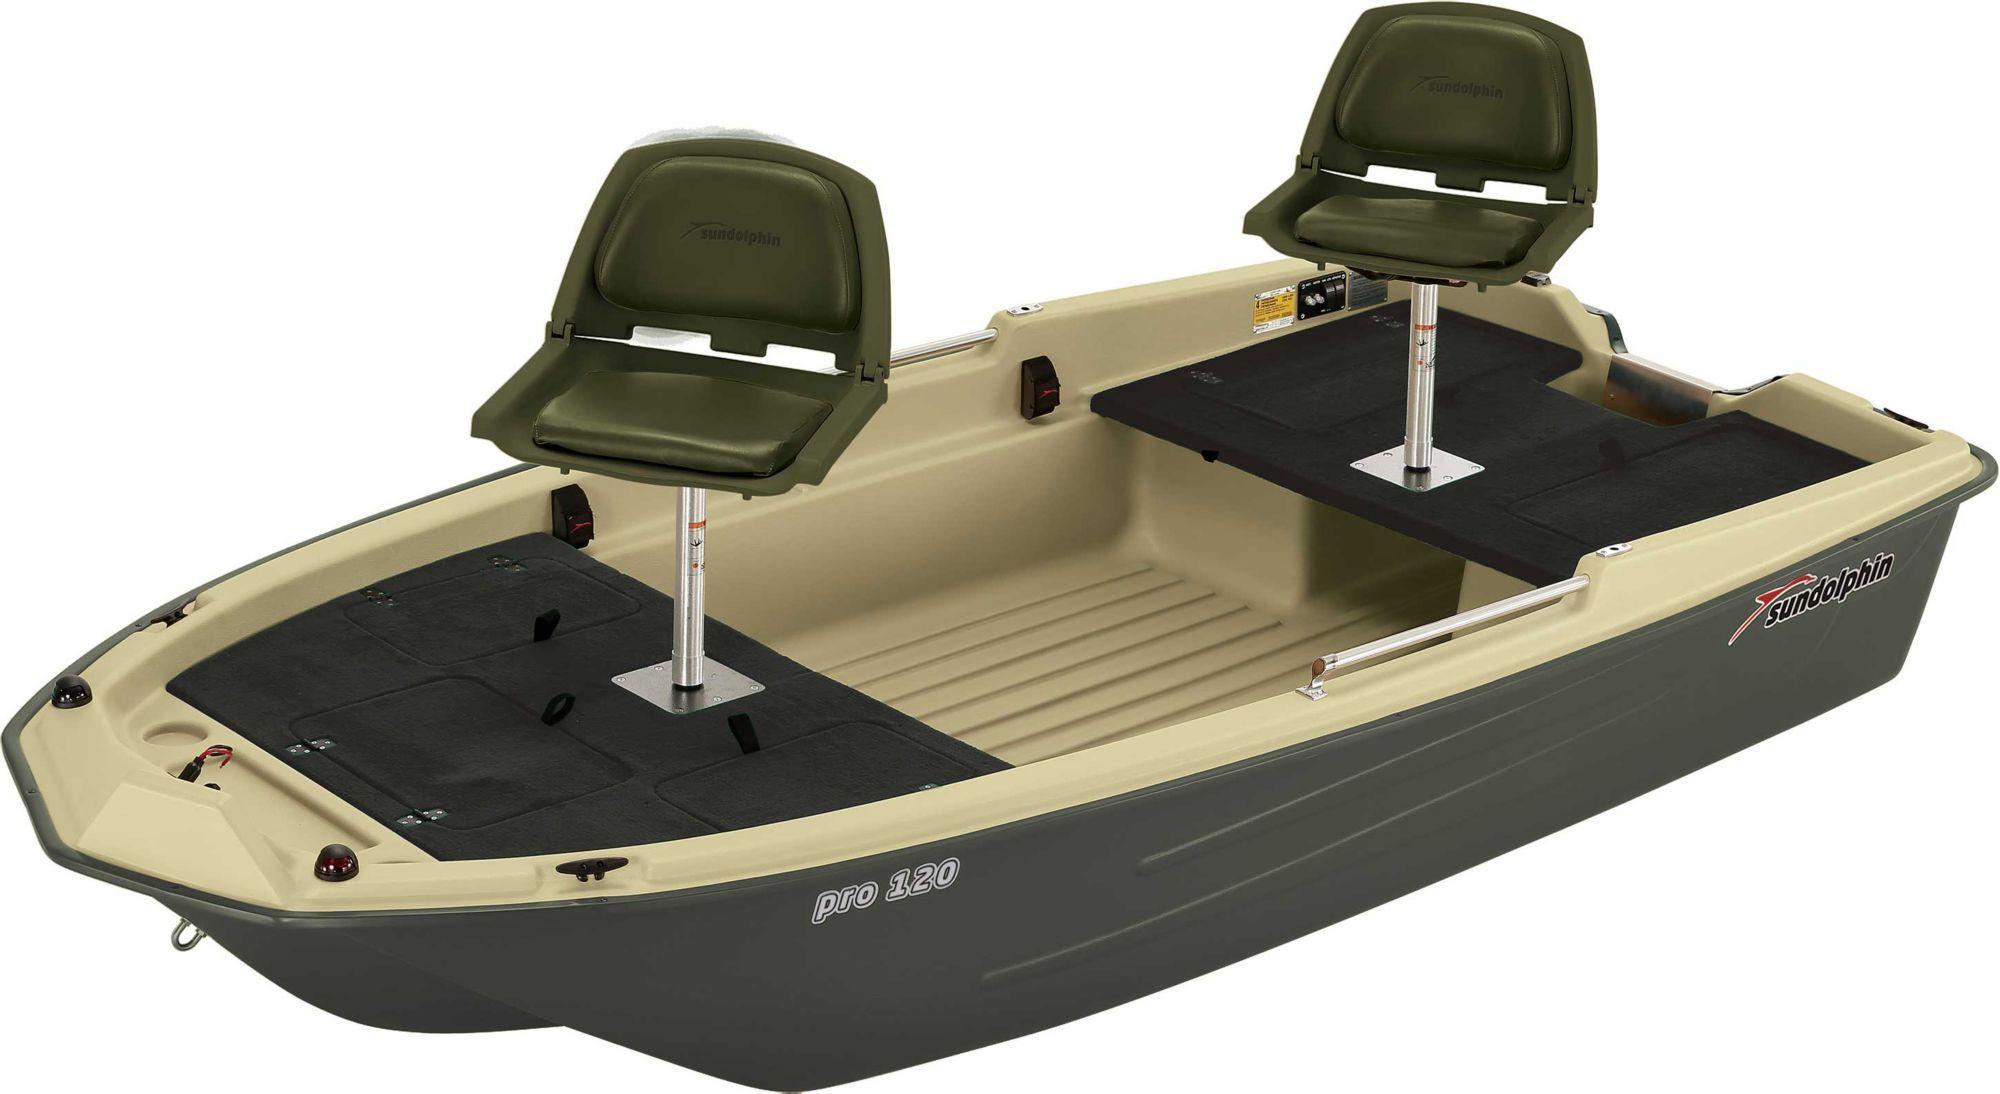 Sun Dolphin Pro 120 Fishing Boat, Green Small fishing